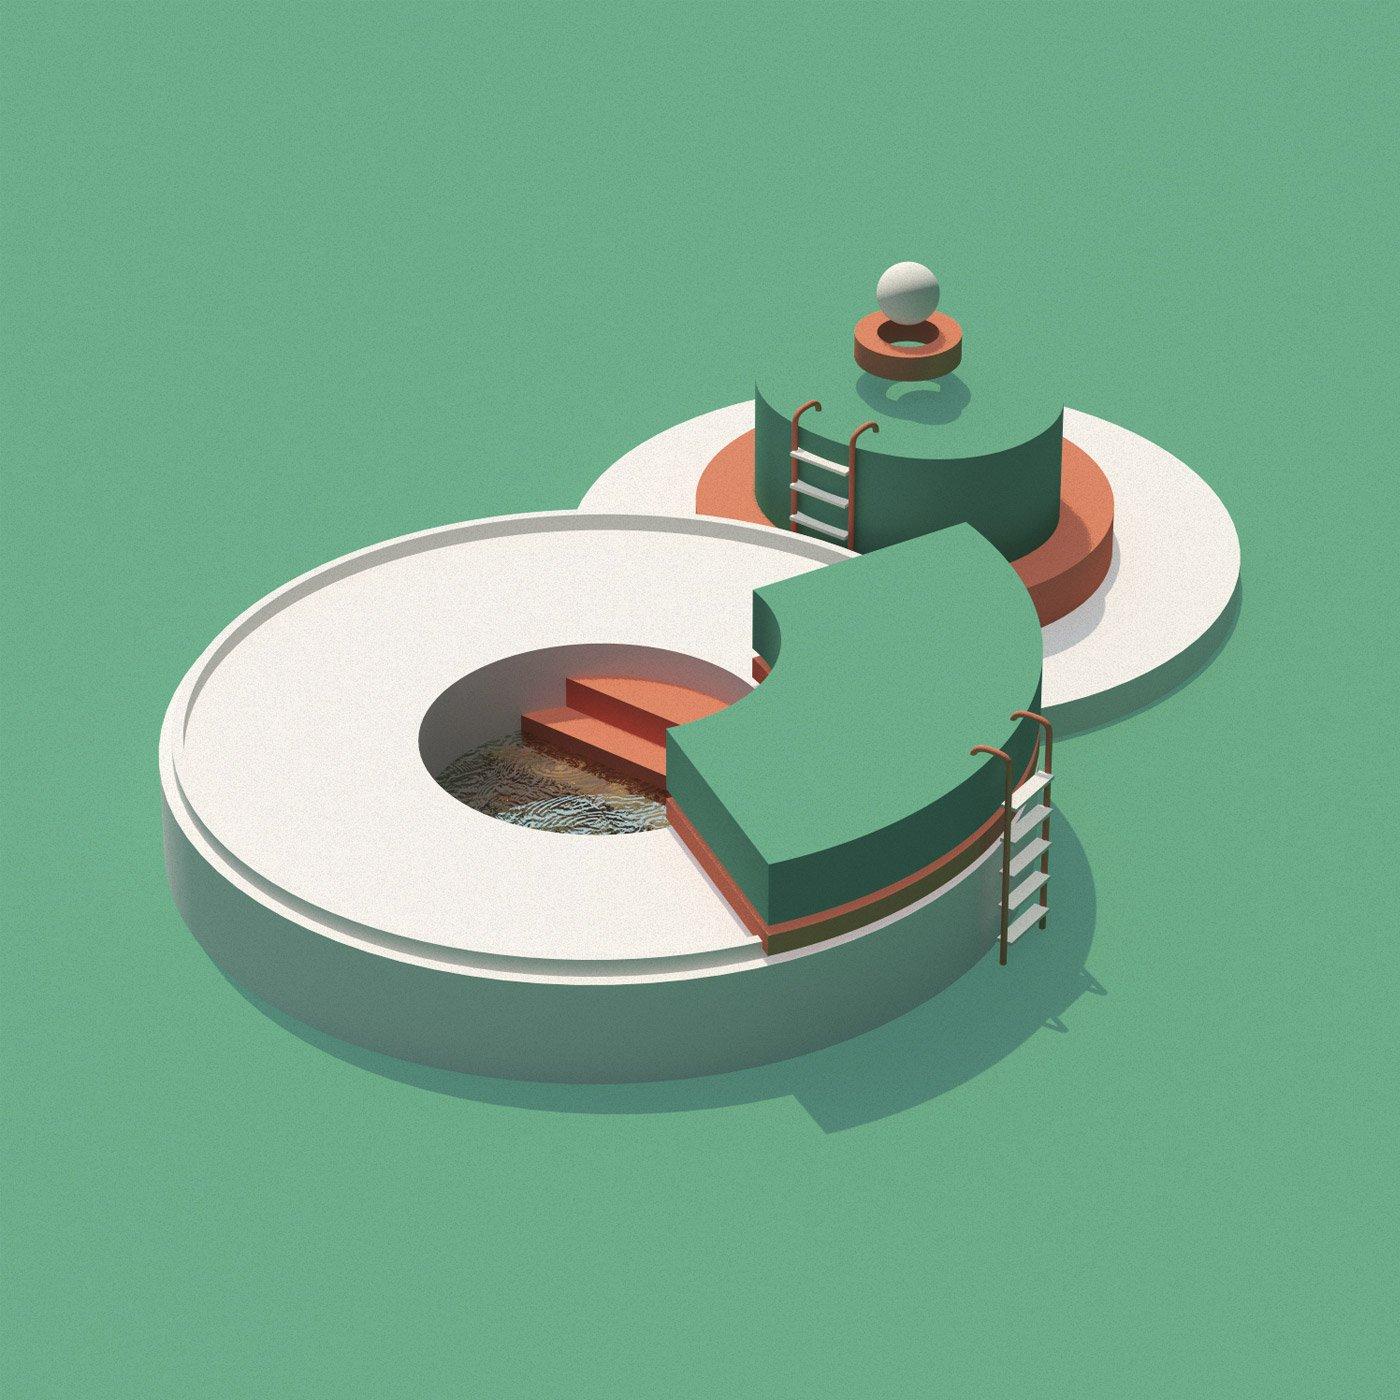 数字建筑:Núria Madrid & Cristian Malagón Garcia插画作品